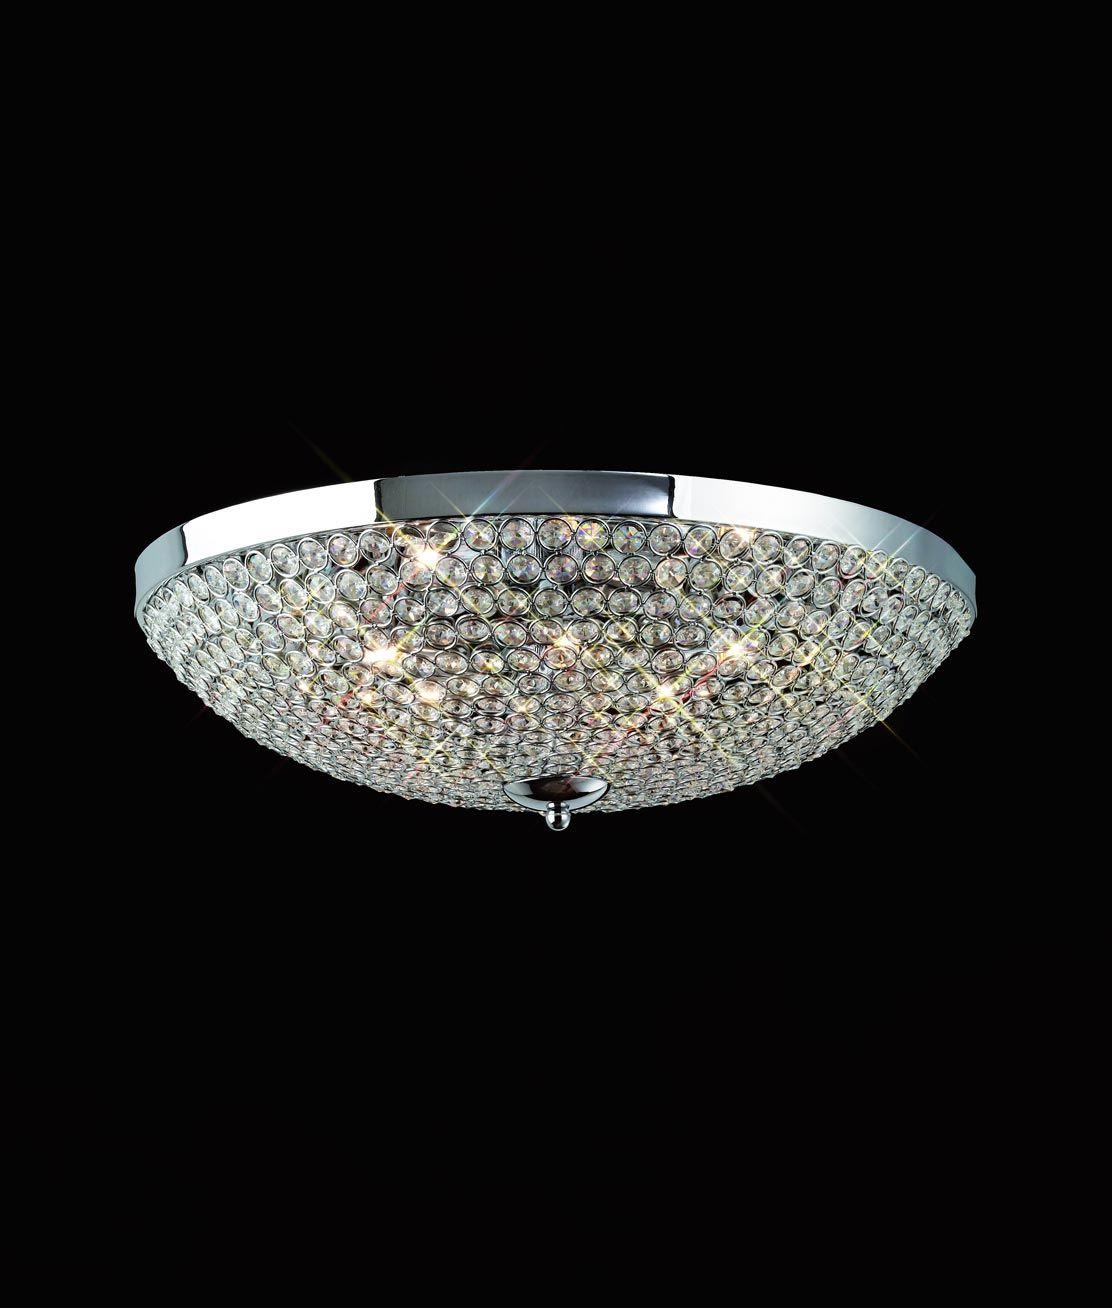 DESCATALOGADO Plafón mediano 6 luces CRYSTAL BALLS